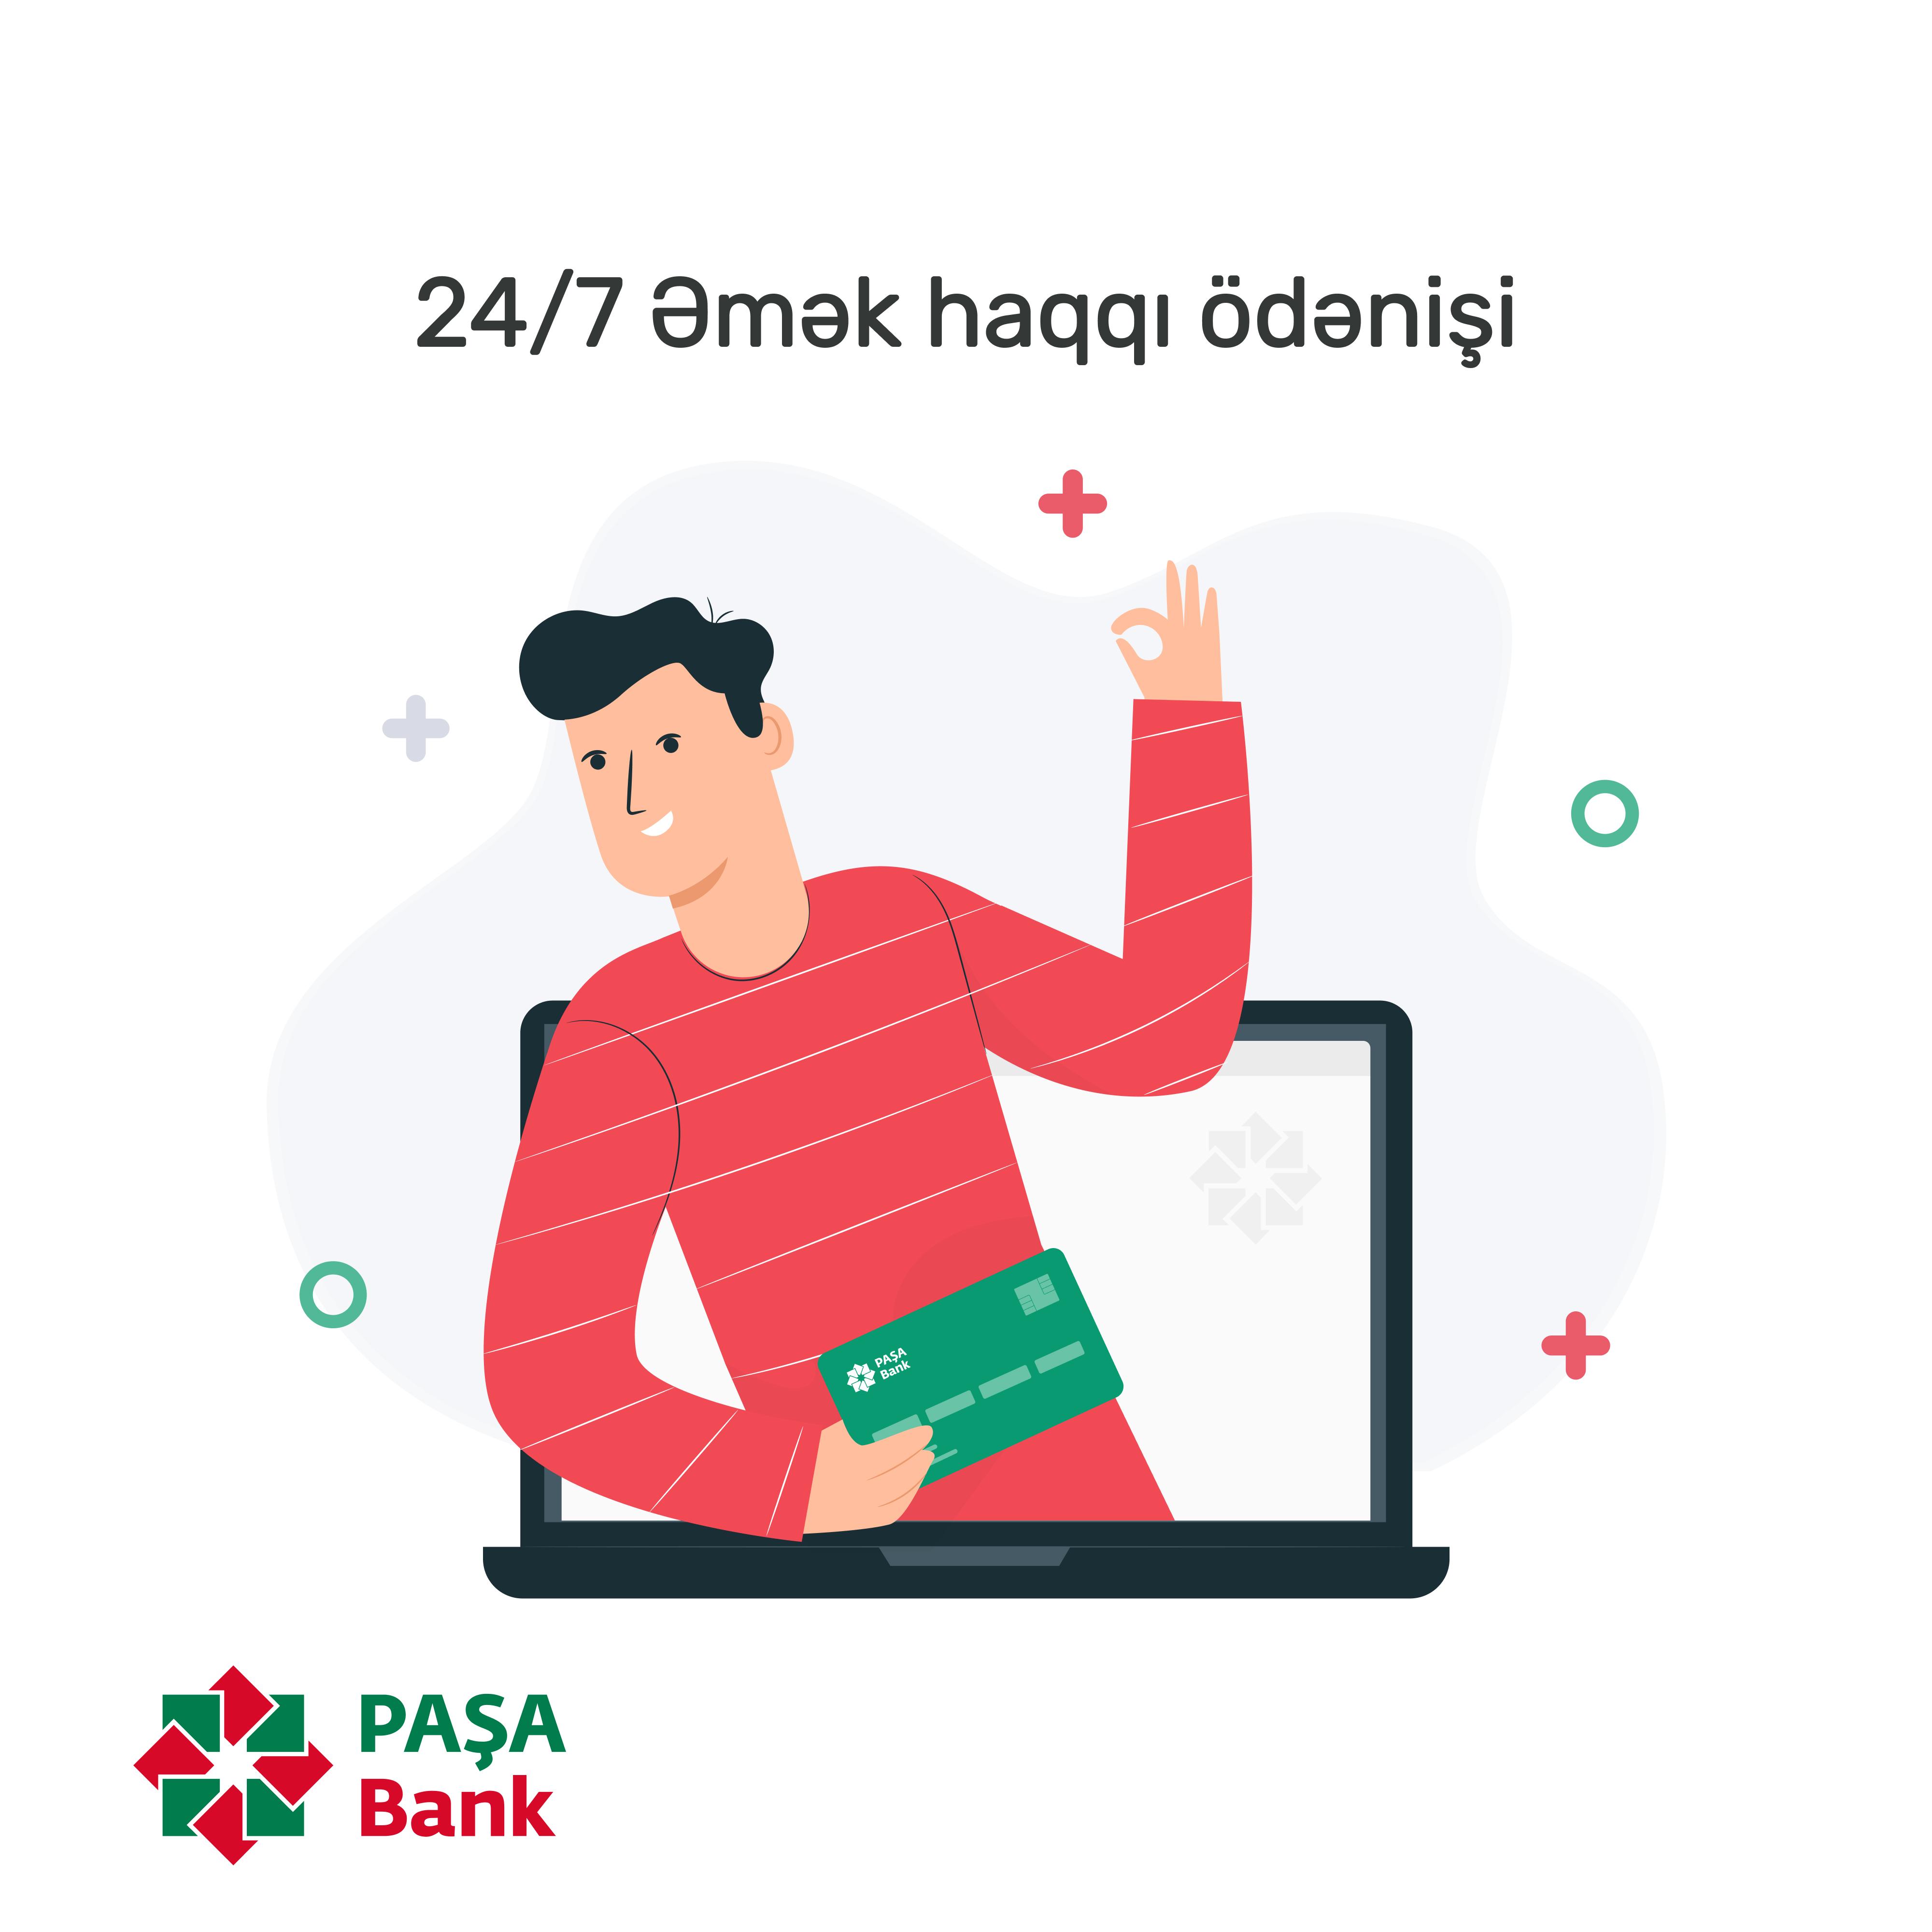 PAŞA Bank ilə əmək haqlarının köçürülməsi artıq 24/7 rejimində!